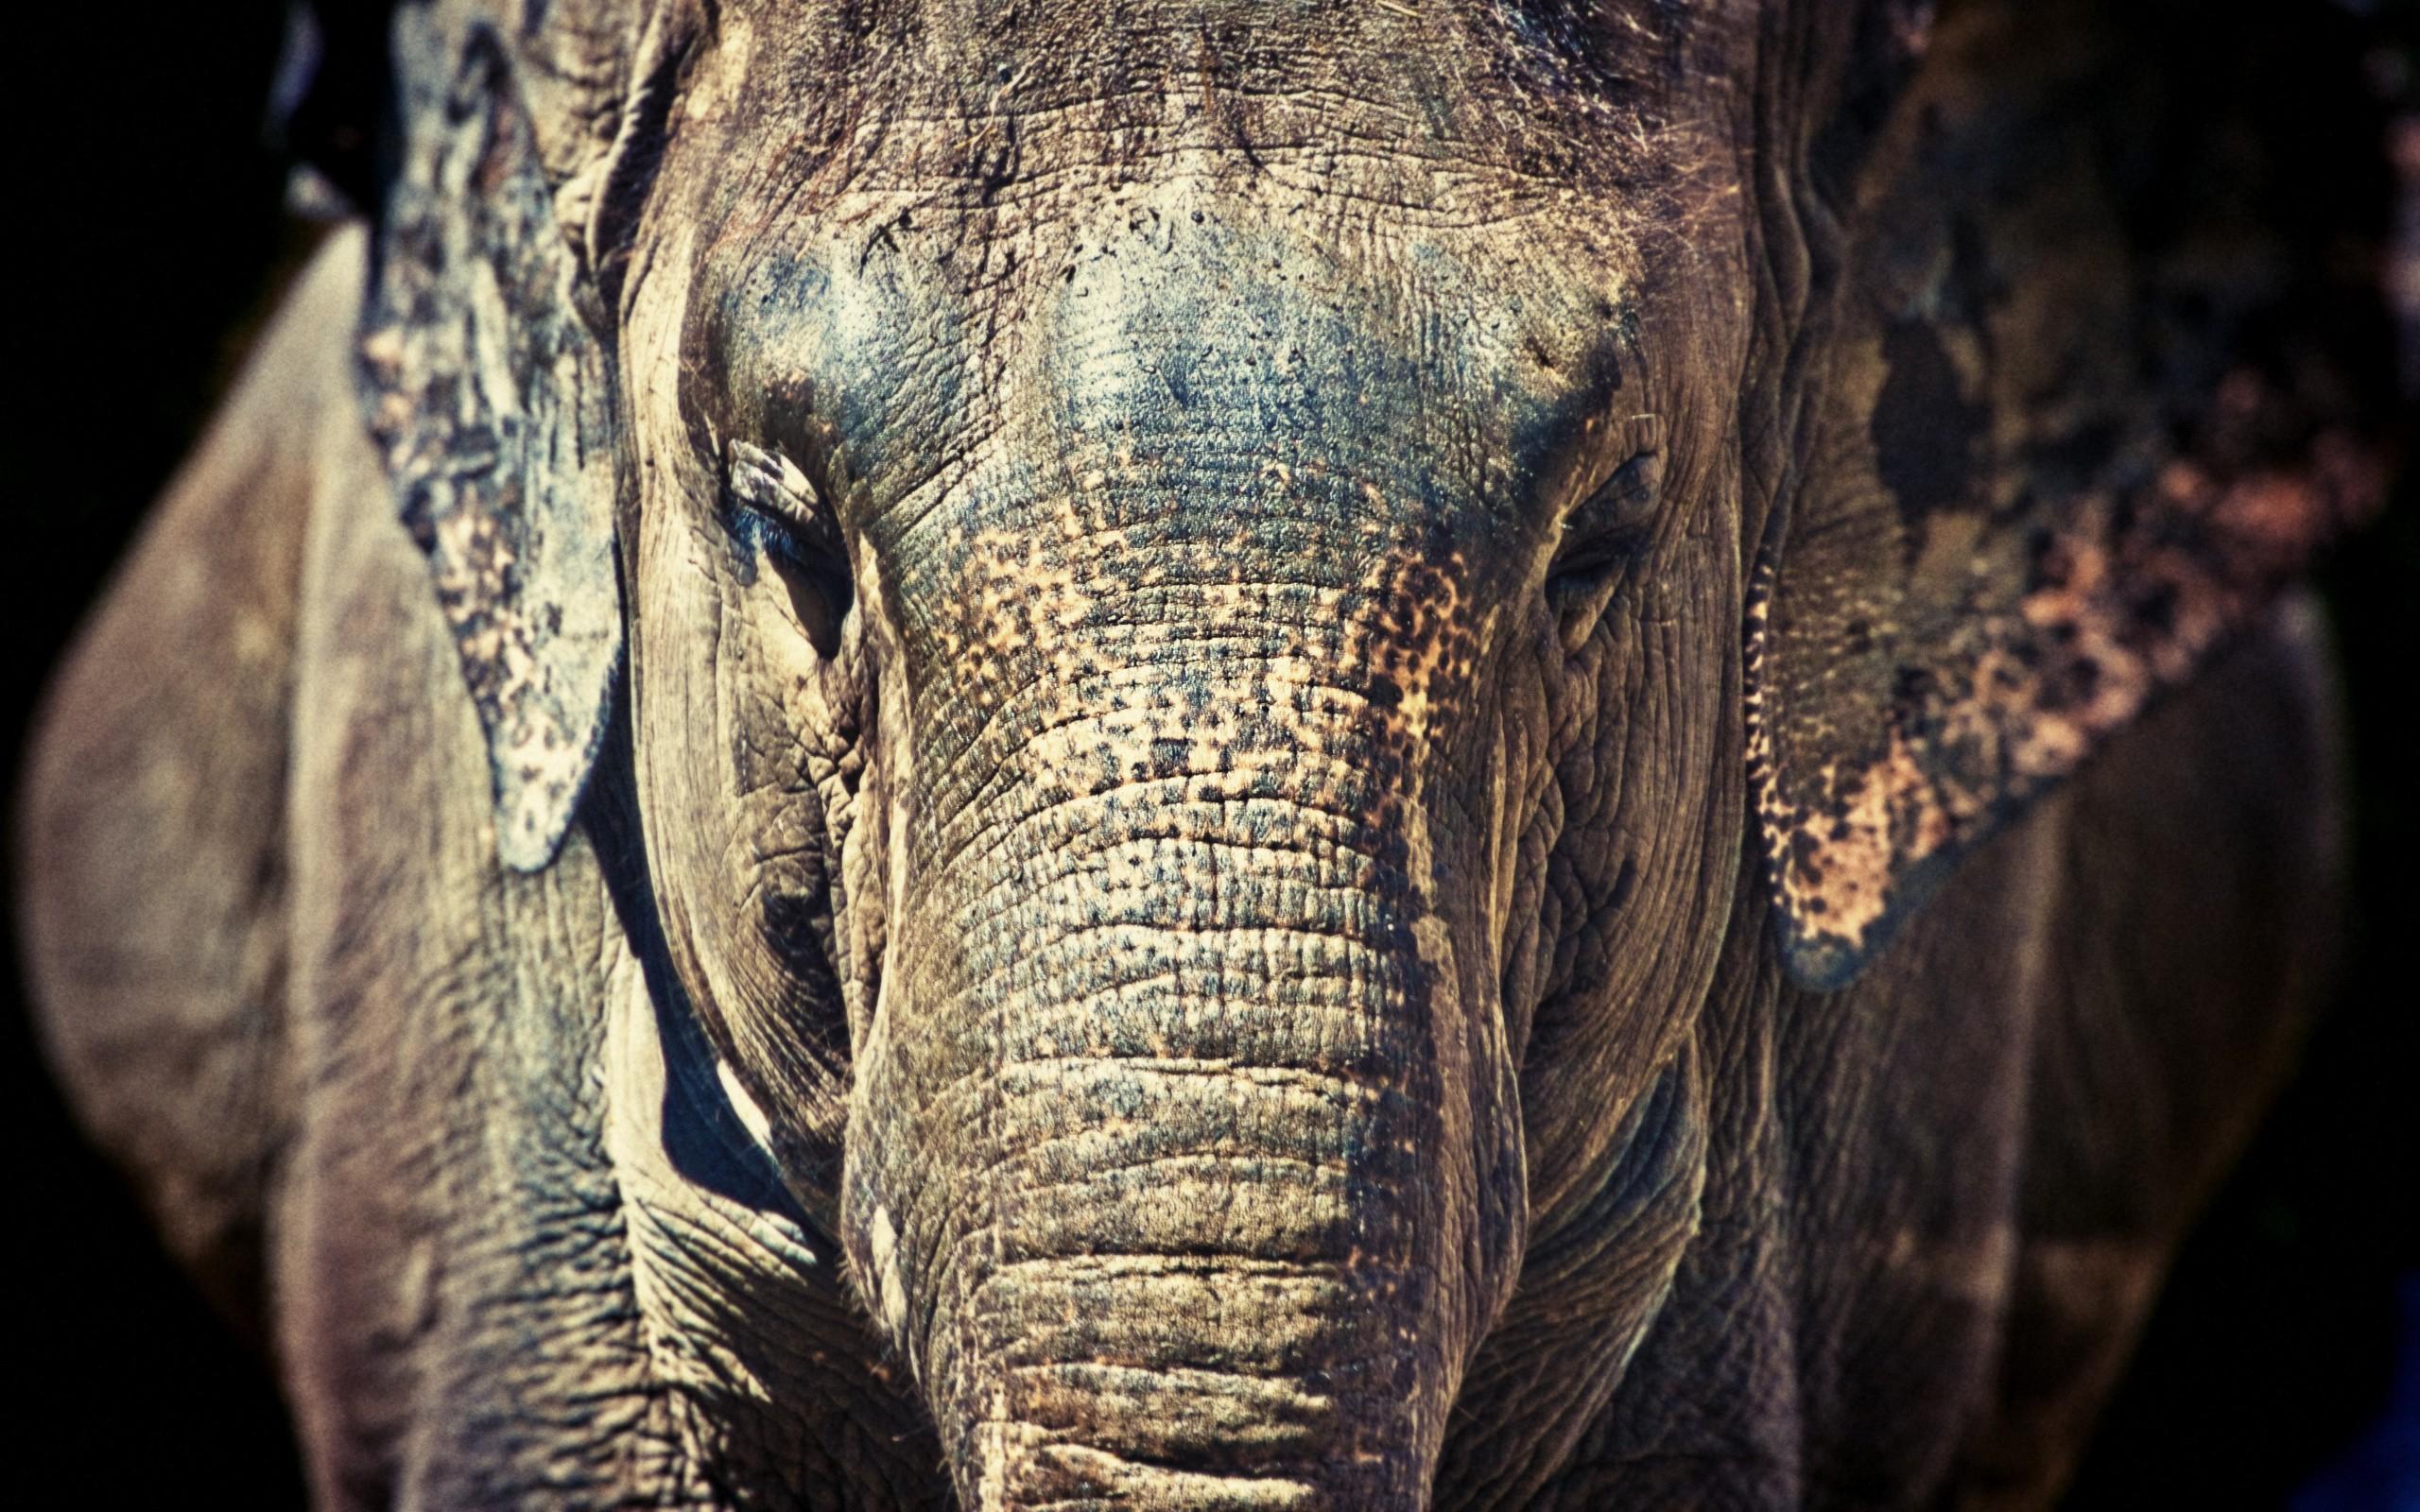 elephant pics hd